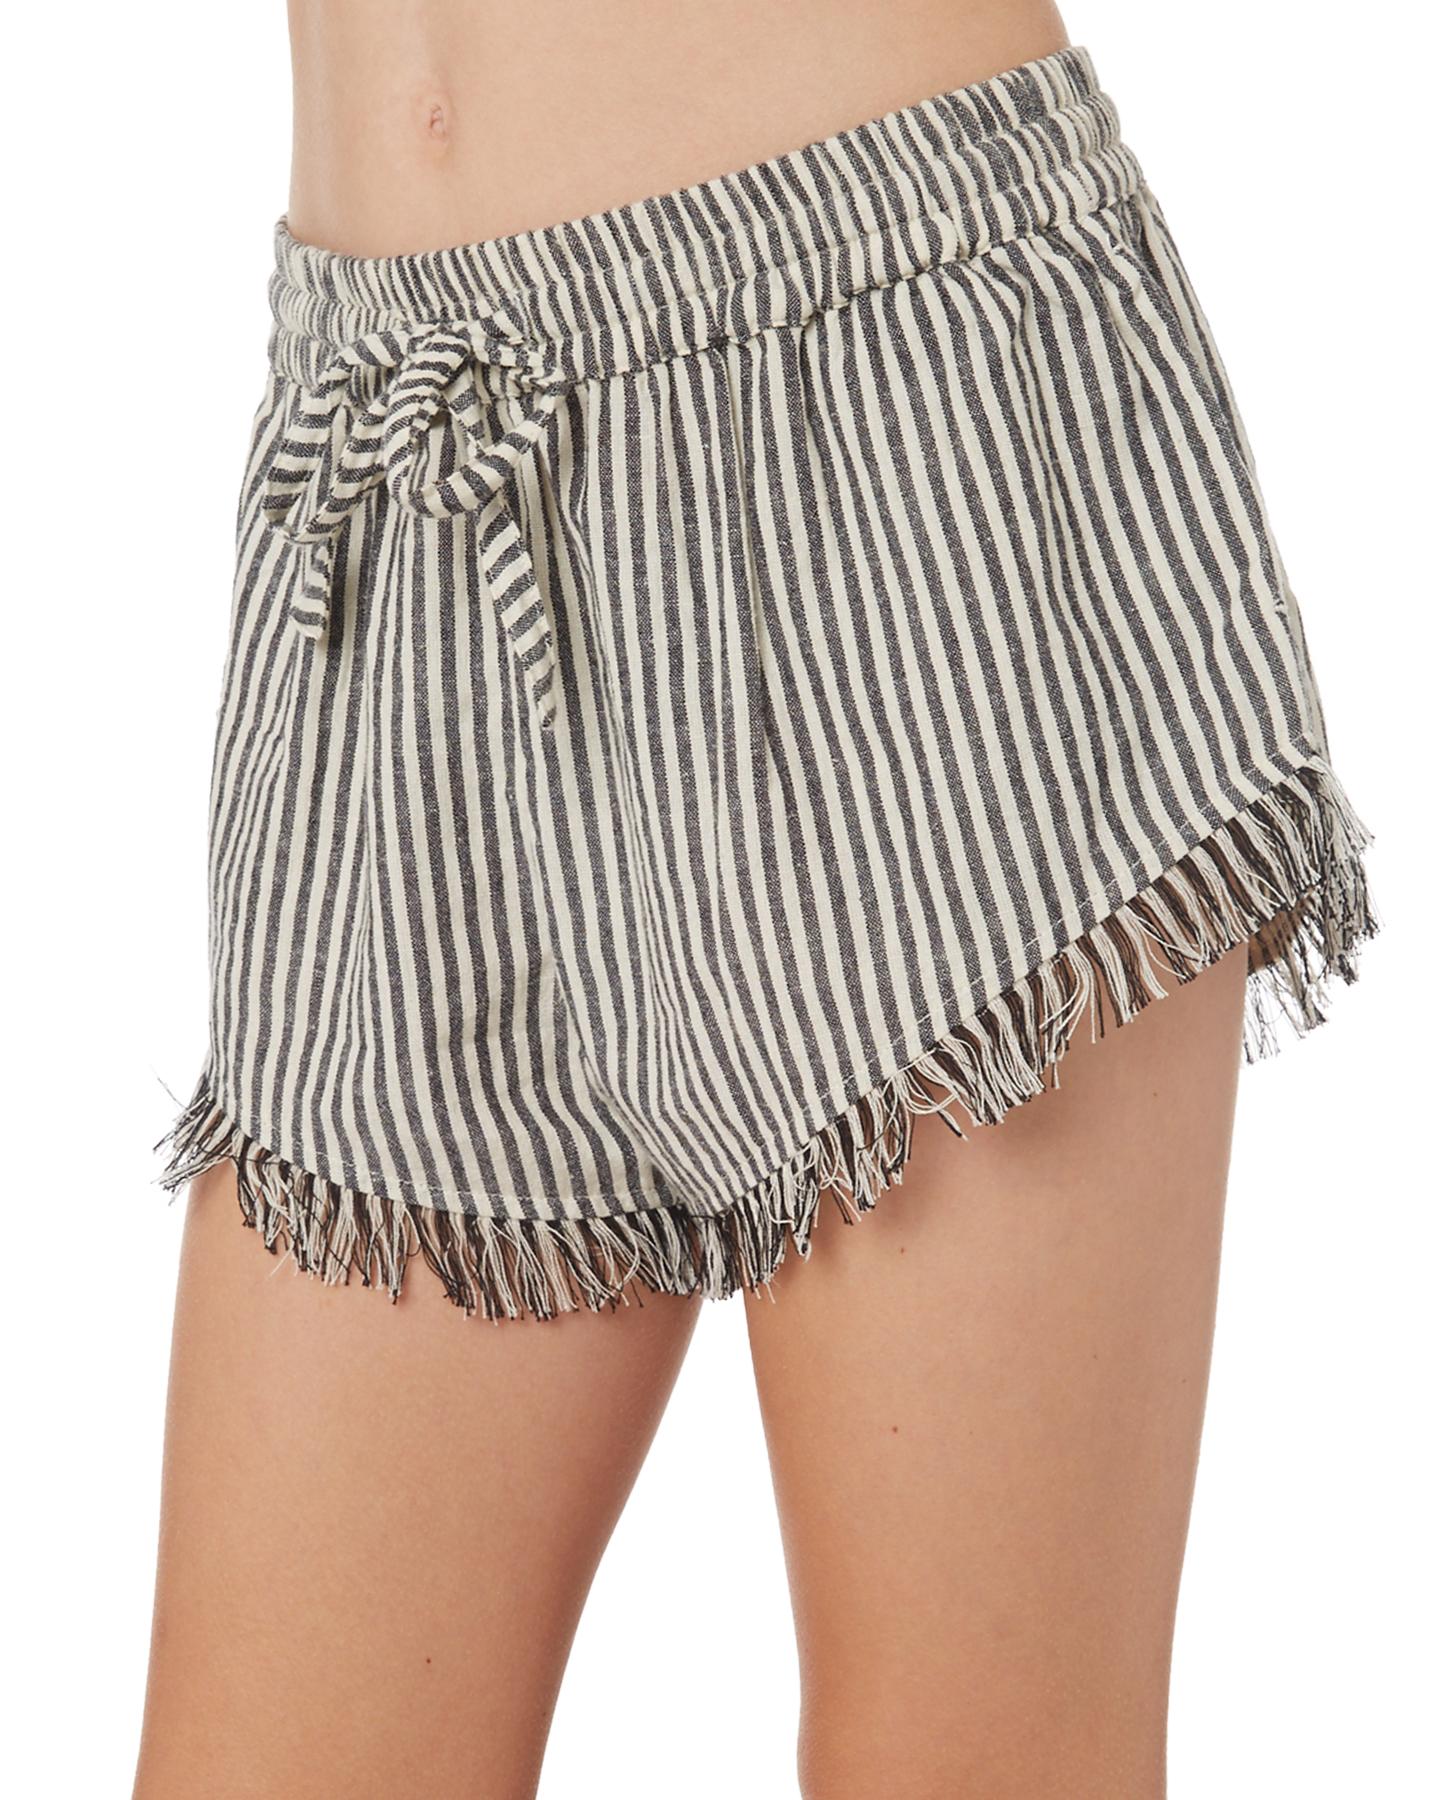 5e5ed2b77c Billabong Girls Sun Striped Short - Teens - Black   SurfStitch